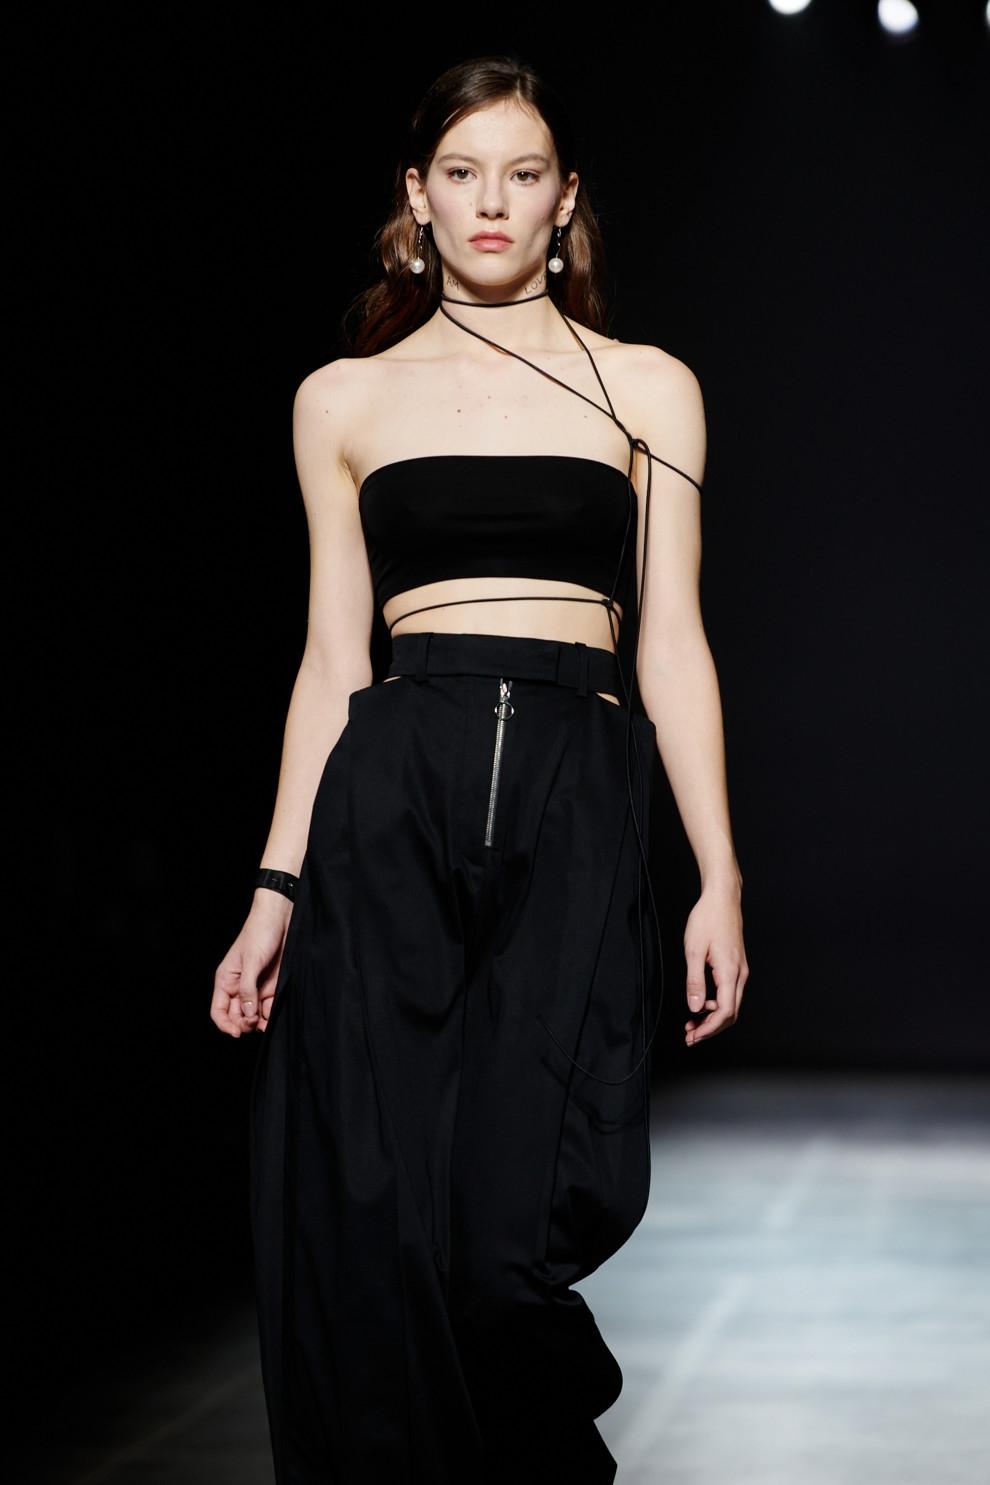 Образ дня: DOROFEEVA в сексуальном наряде от украинского бренда Elena Burenina - фото №2